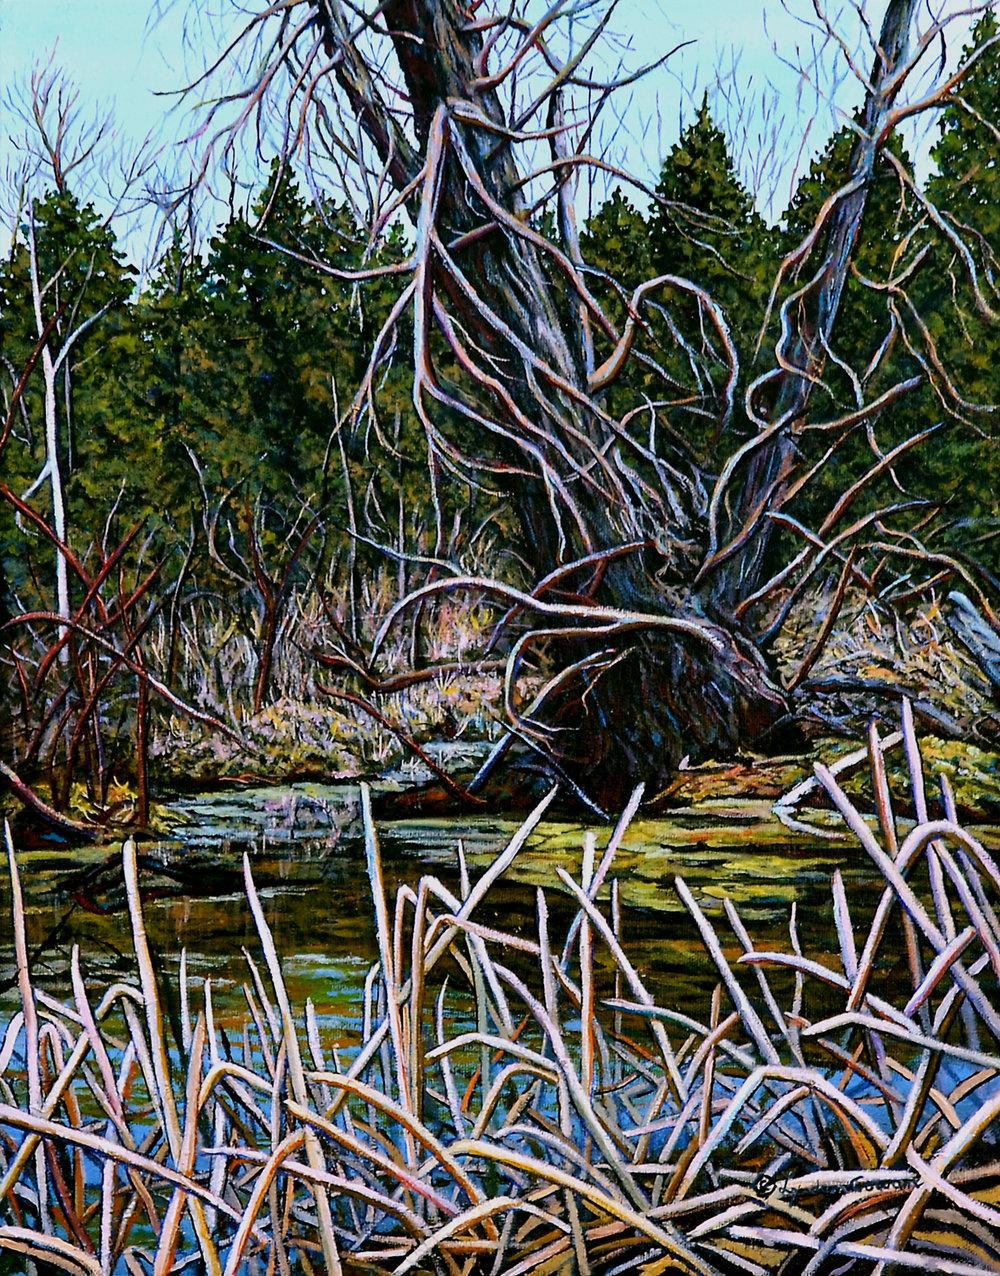 Twisted Tree by Lynden Cowan, Oil 14x18, 2016 (1).jpg